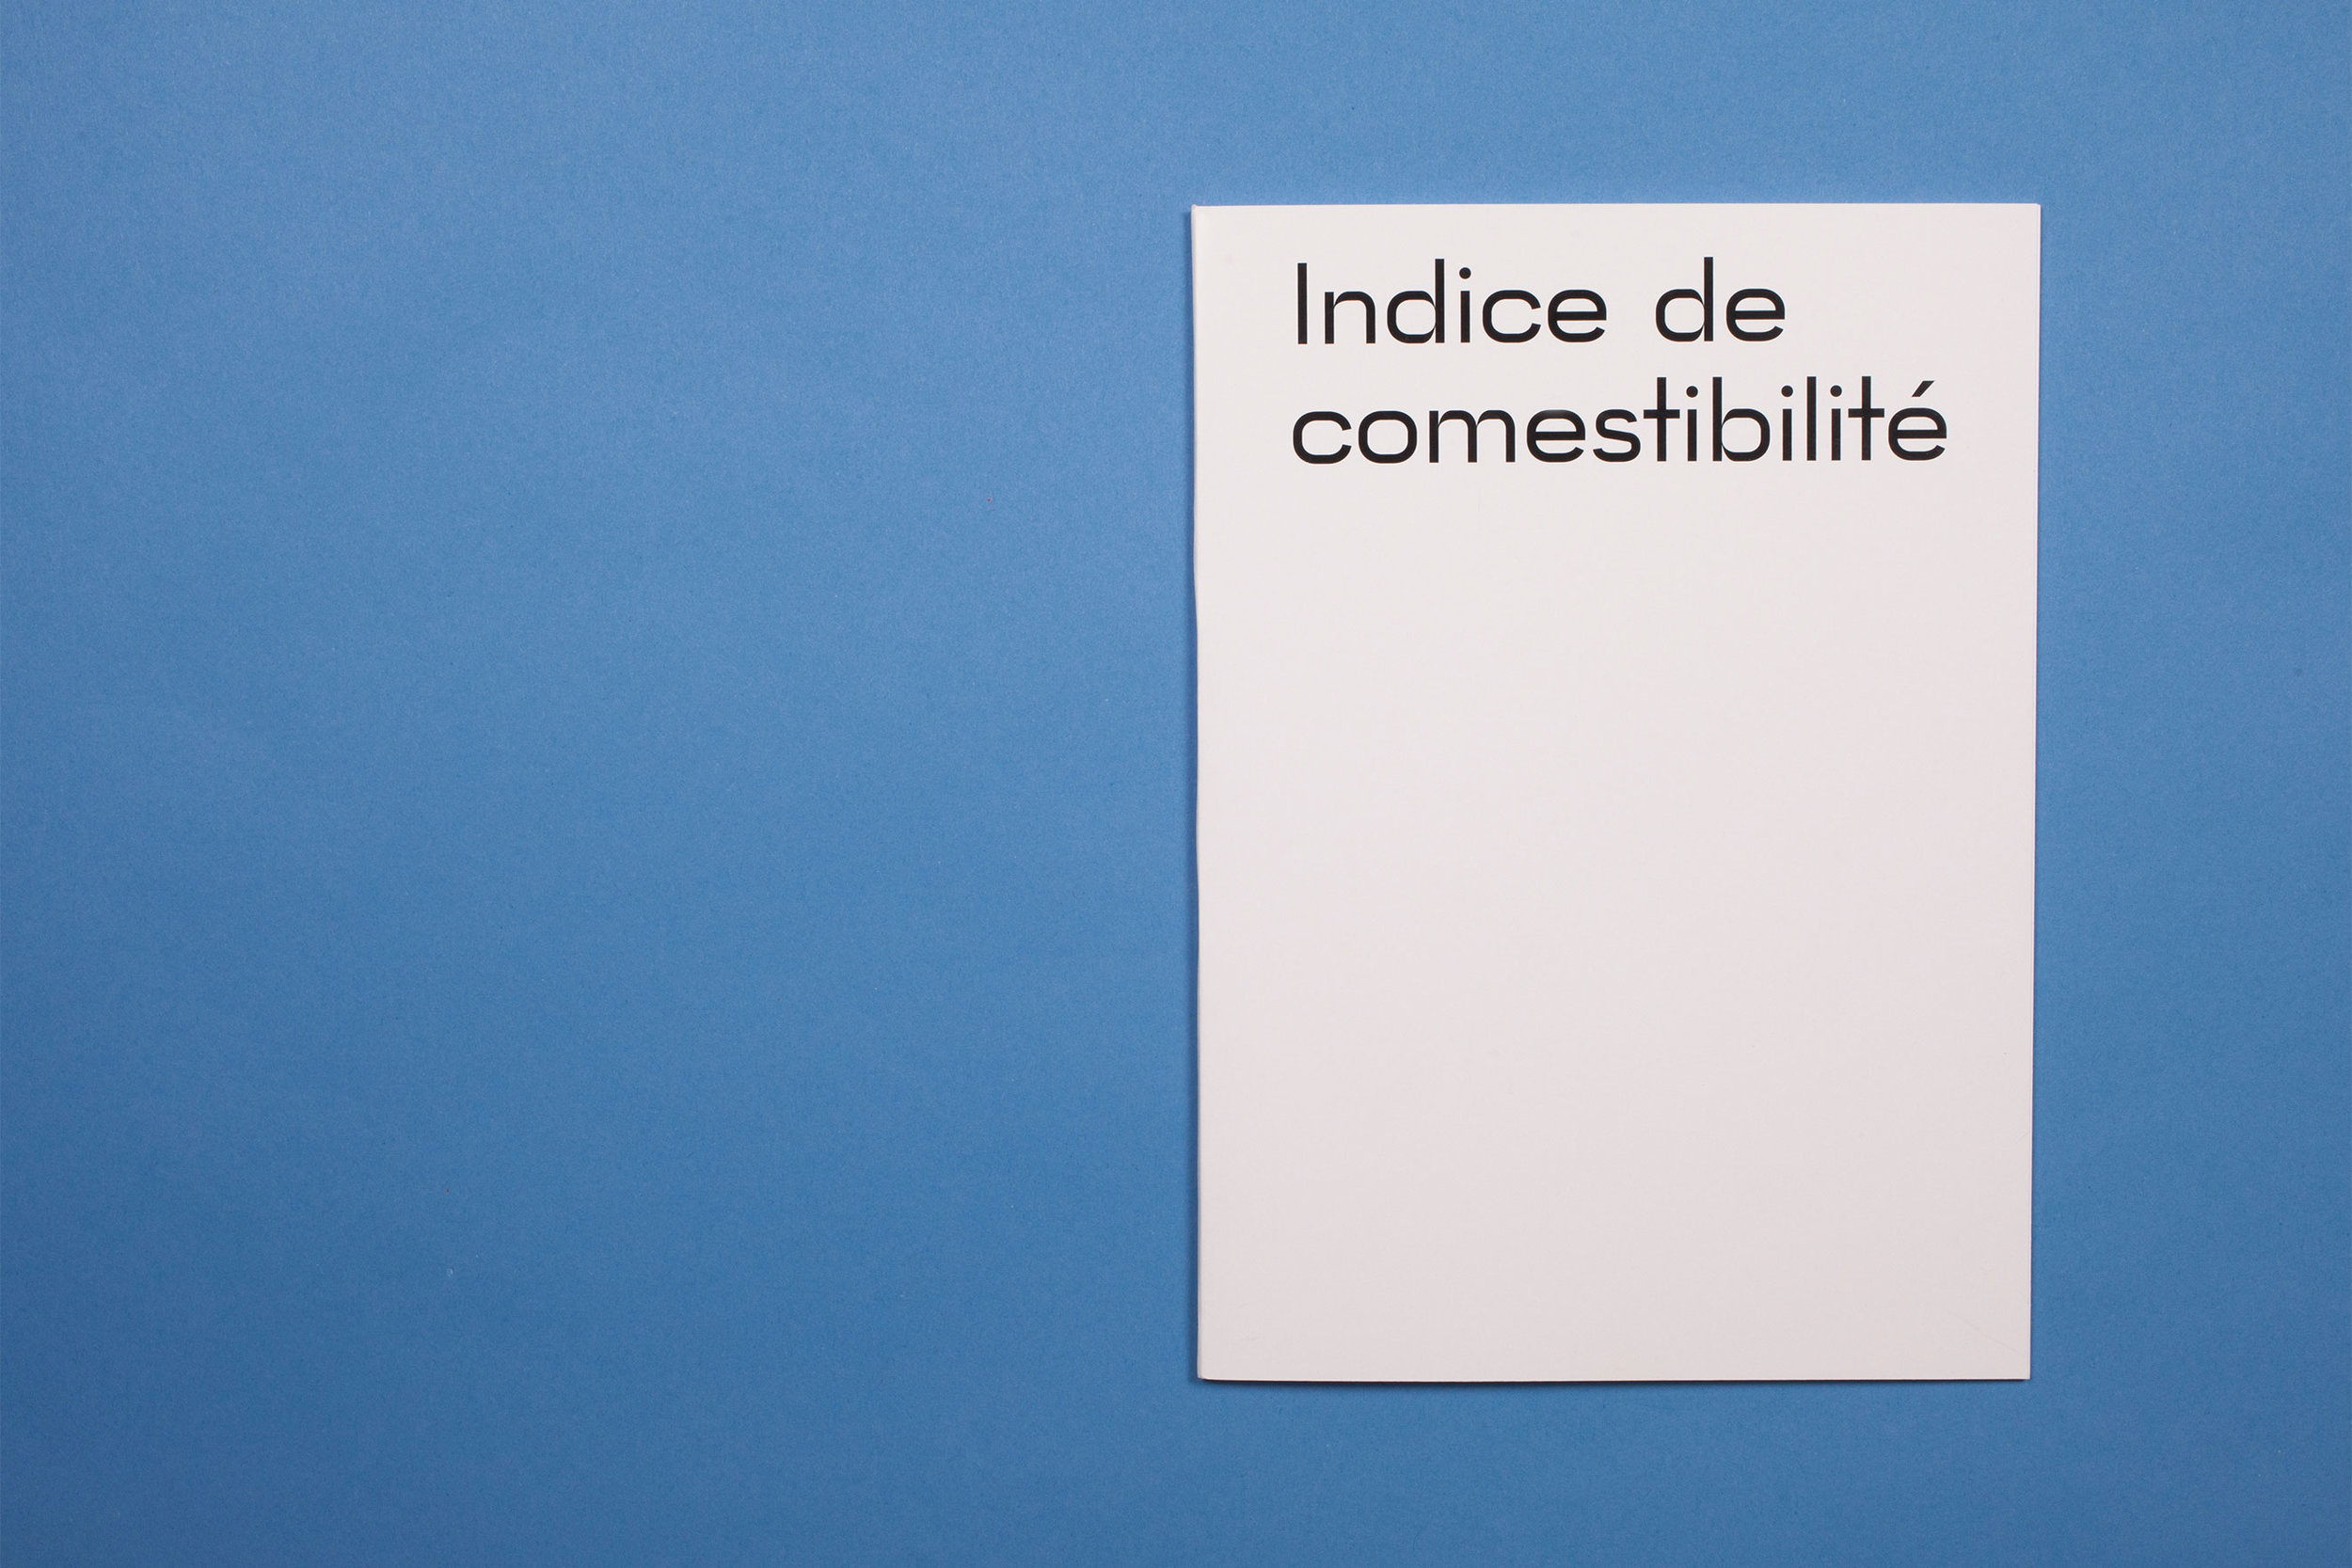 CFP_WK_Comestibilite_01-copie.jpg